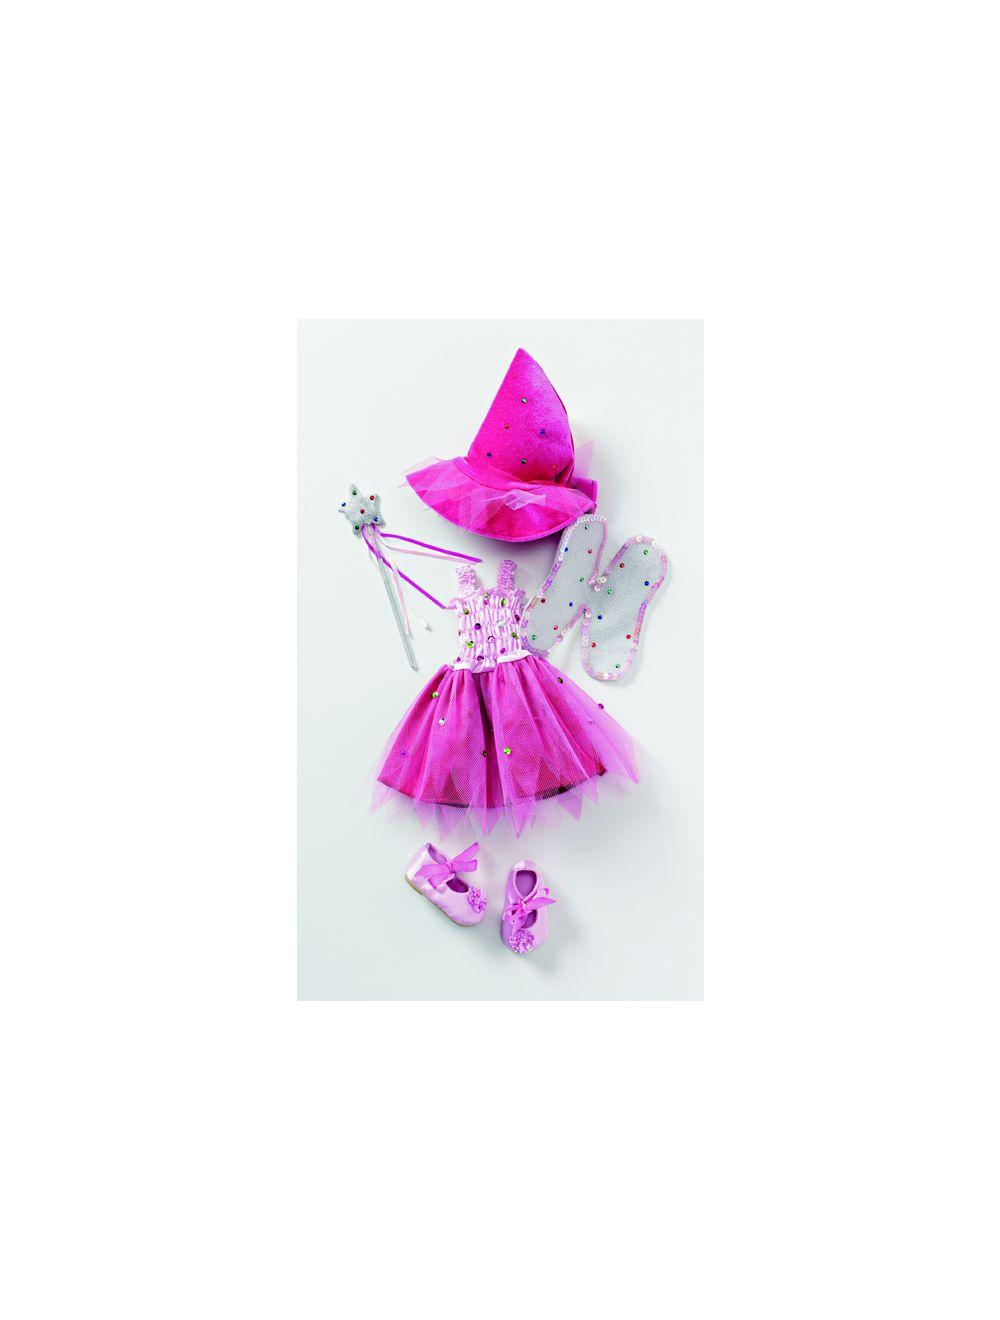 Muinasjutuhaldja kostüüm, s 45-50 cm